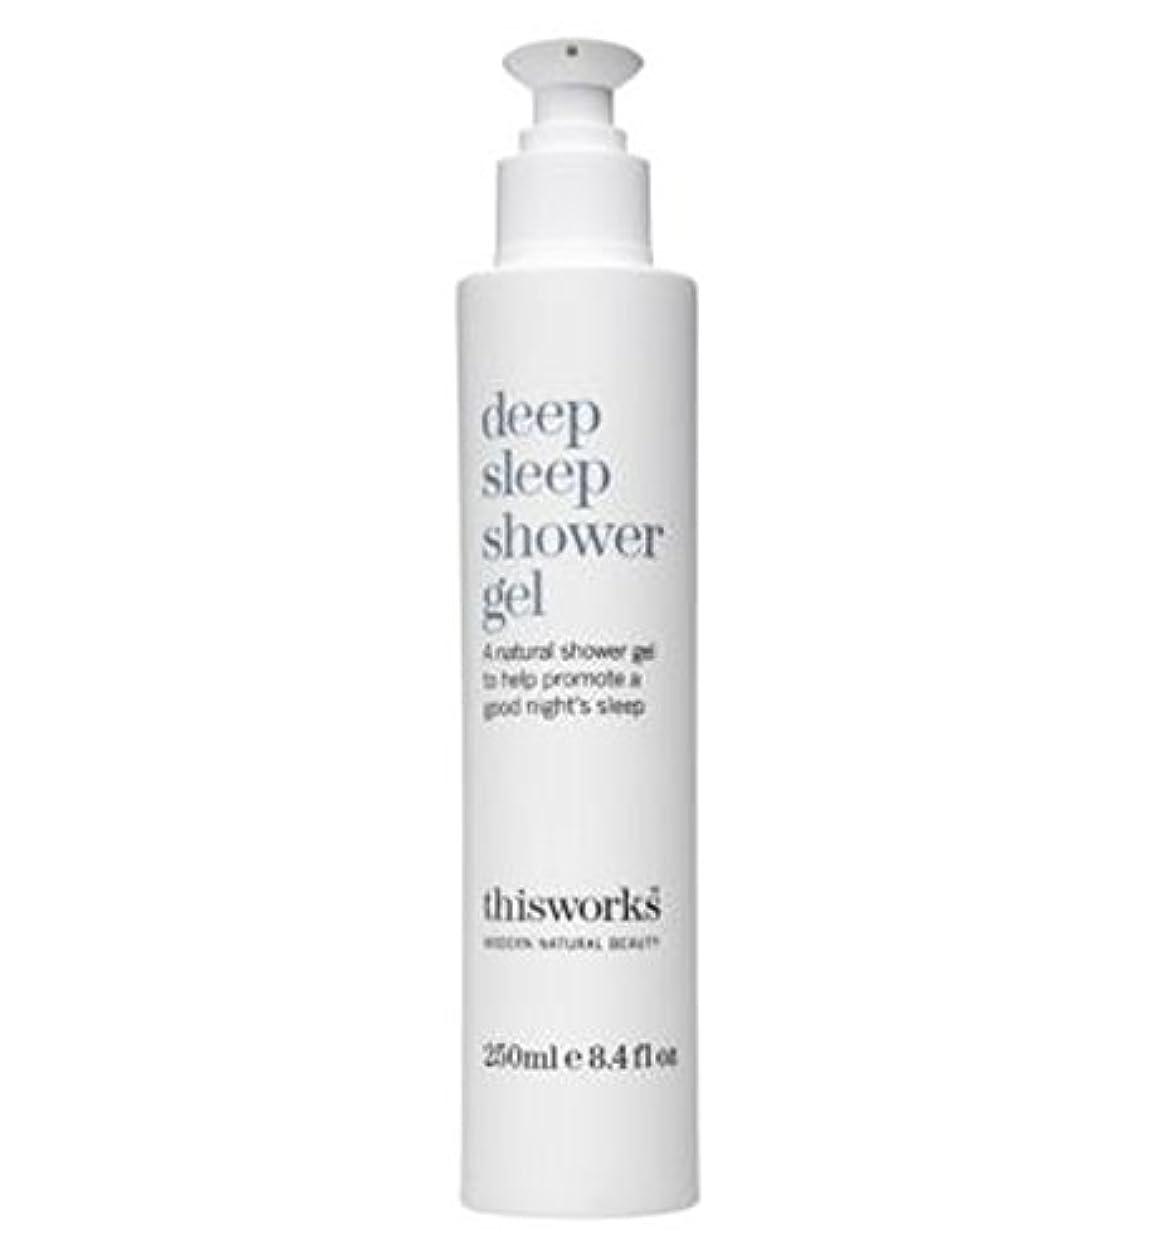 意味のある急いで石炭this works deep sleep shower gel 250ml - これは、深い眠りシャワージェル250ミリリットルの作品 (This Works) [並行輸入品]